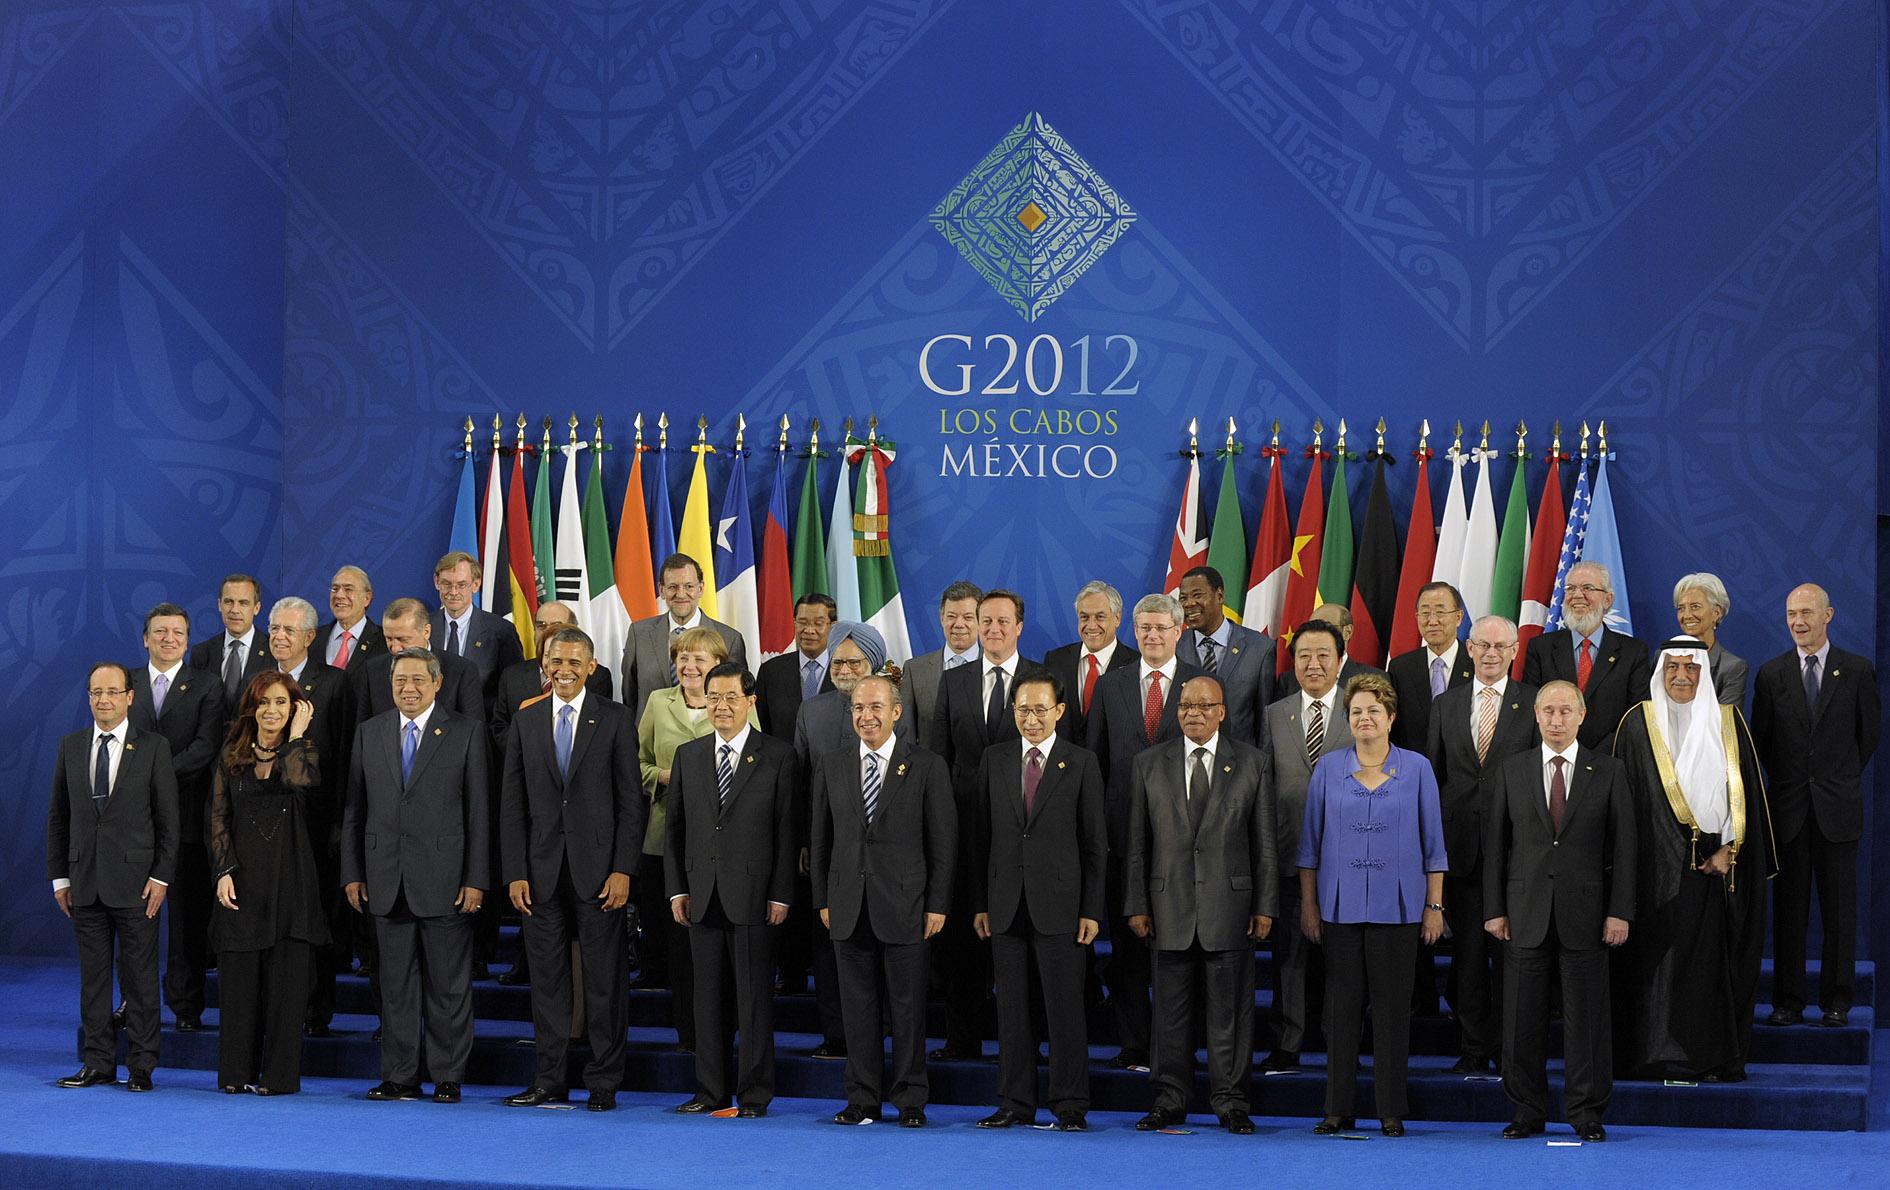 Depiction of Cumbre del G-20 de Los Cabos